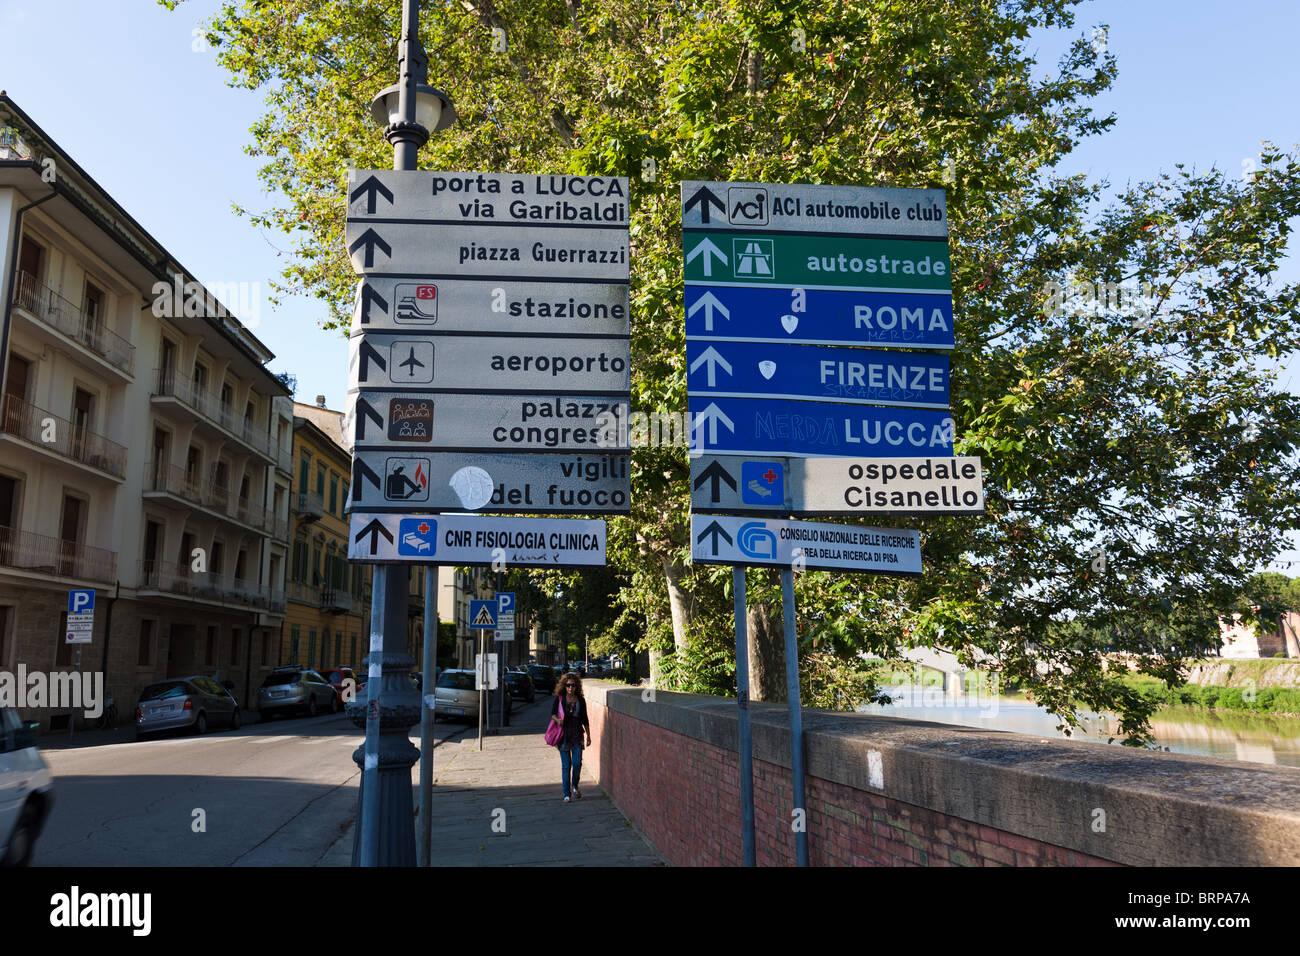 Aeroporto Pisa : Pisa aeroporto sign stock photos pisa aeroporto sign stock